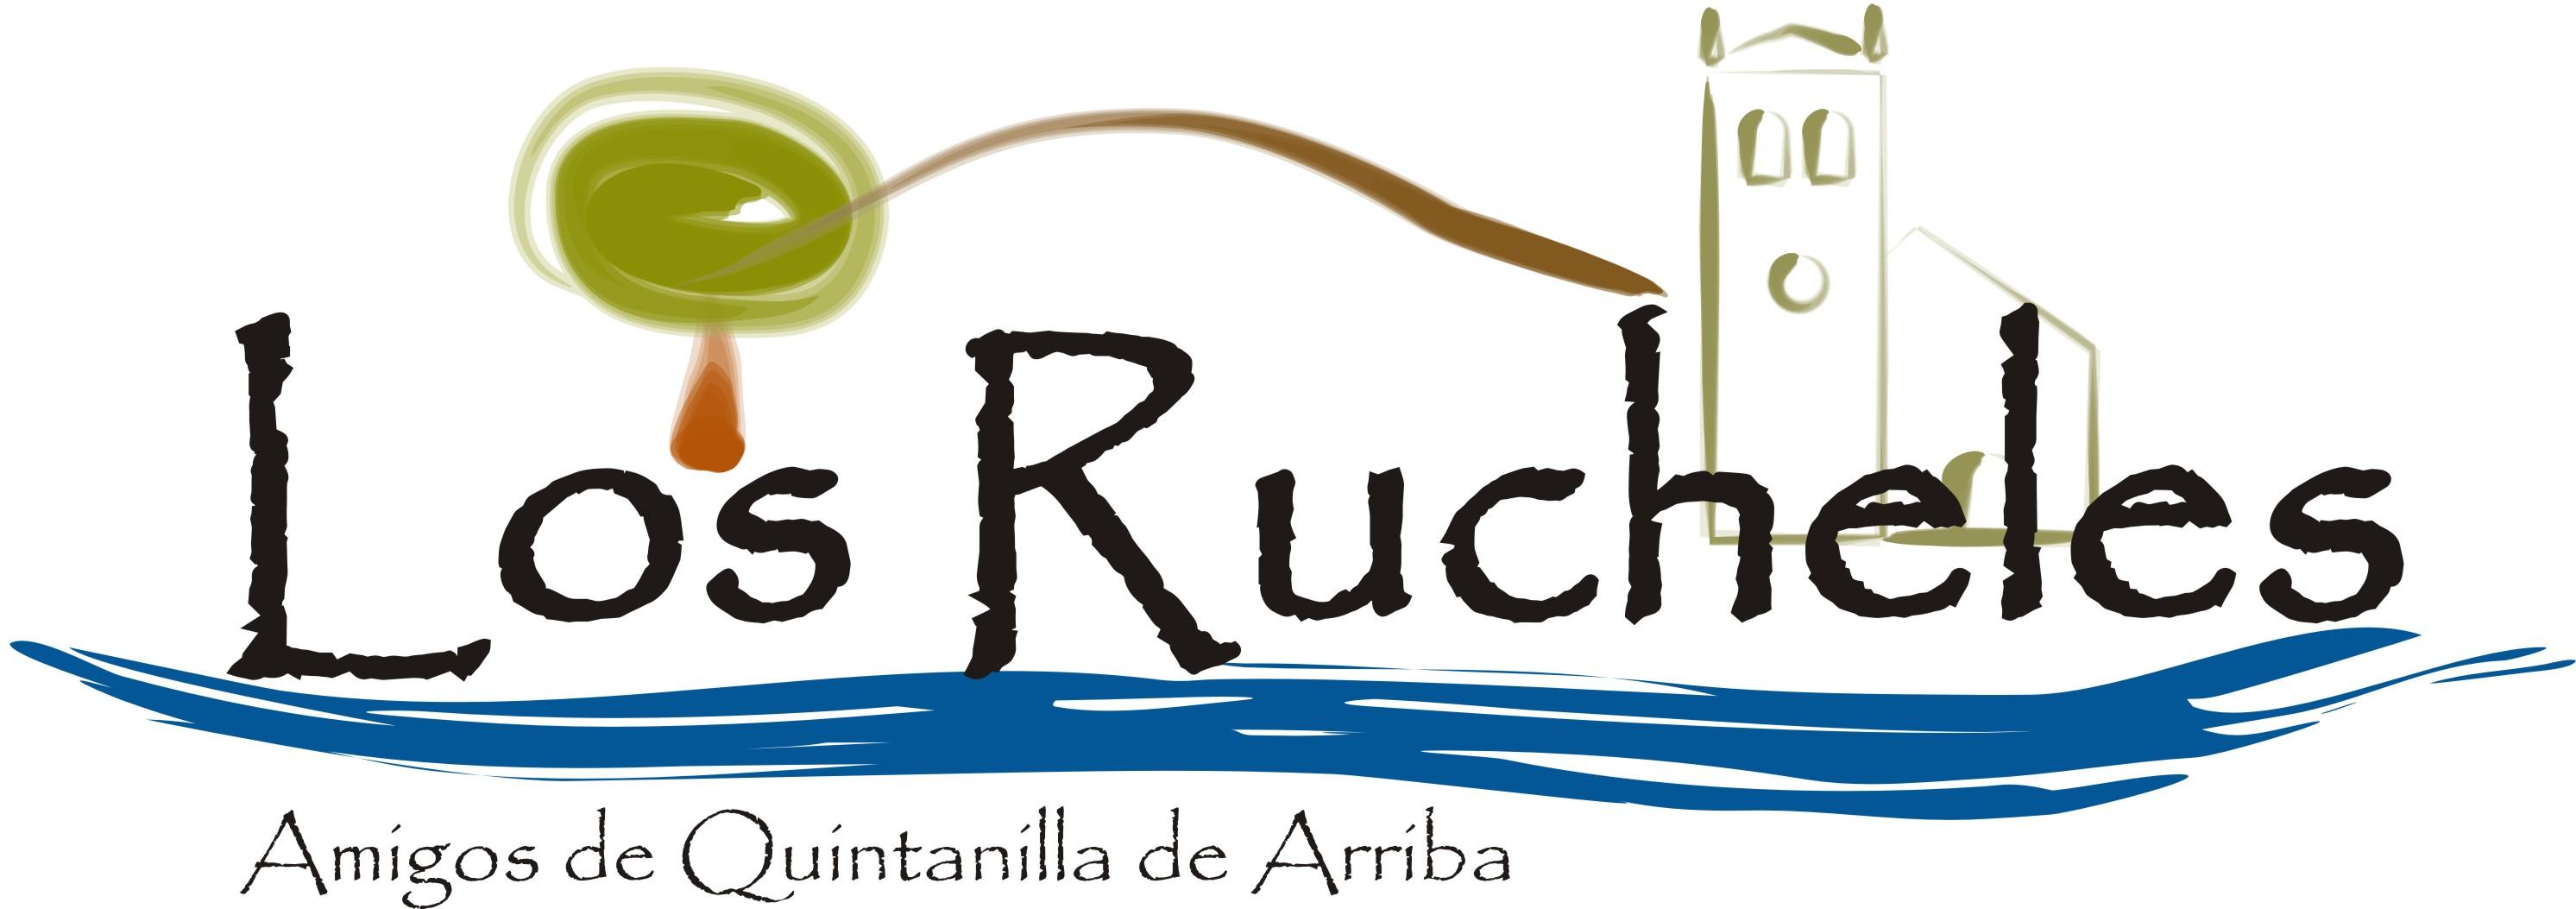 logo_rucheles